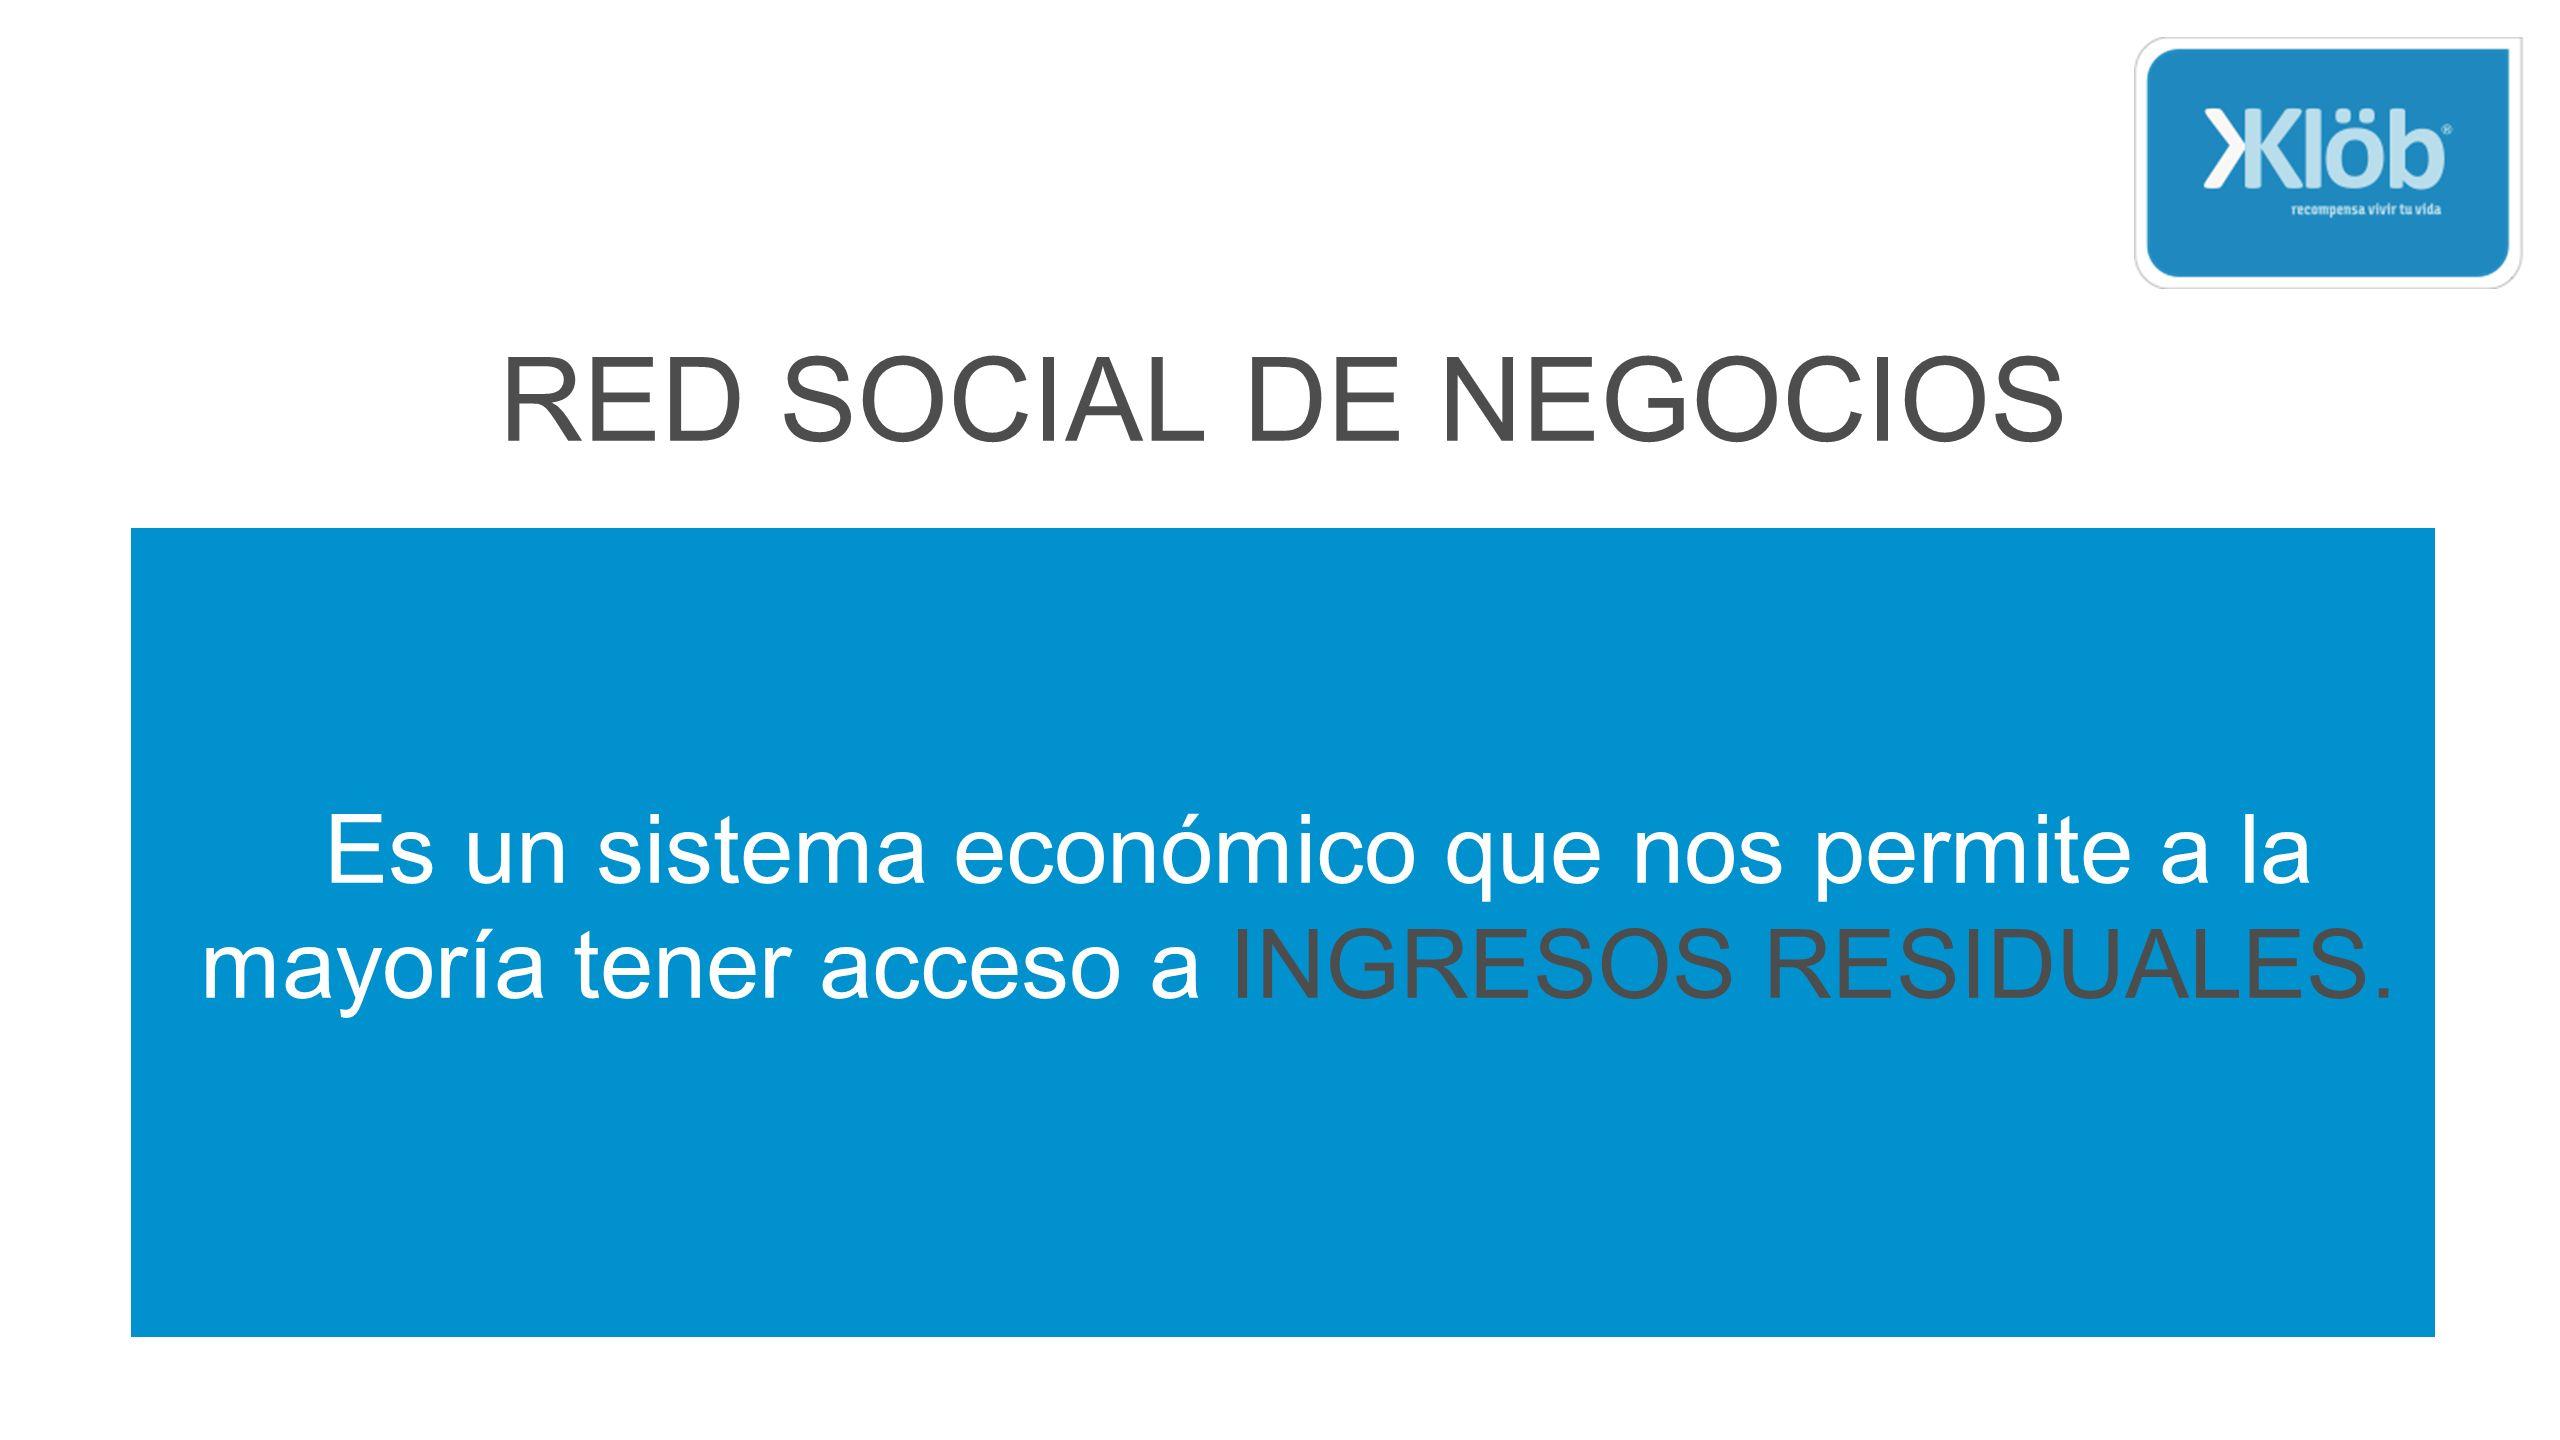 RED SOCIAL DE NEGOCIOS Es un sistema económico que nos permite a la mayoría tener acceso a INGRESOS RESIDUALES.